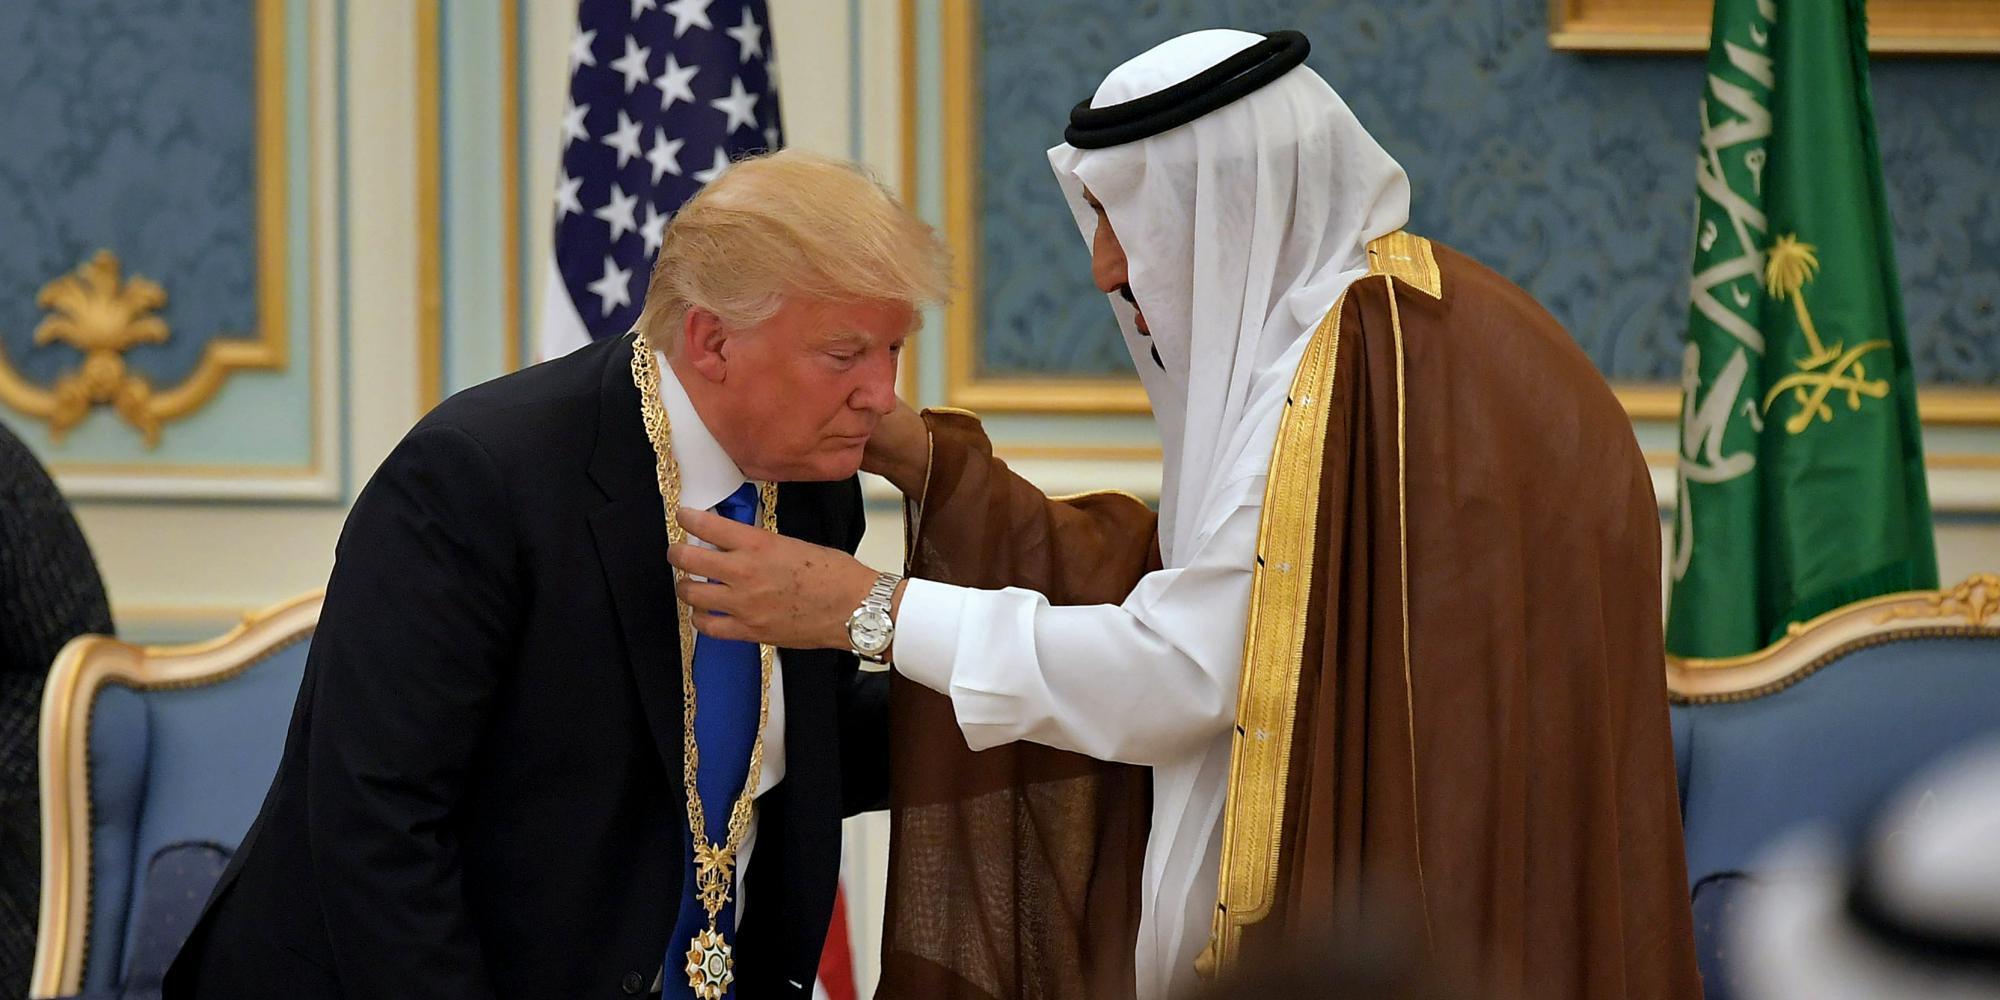 السعودية من أكثر الدول المثيرة للقلق في الحريات الدينية.. هكذا تراها حليفتها أميركا في أول تقرير رسمي بعهد ترامب